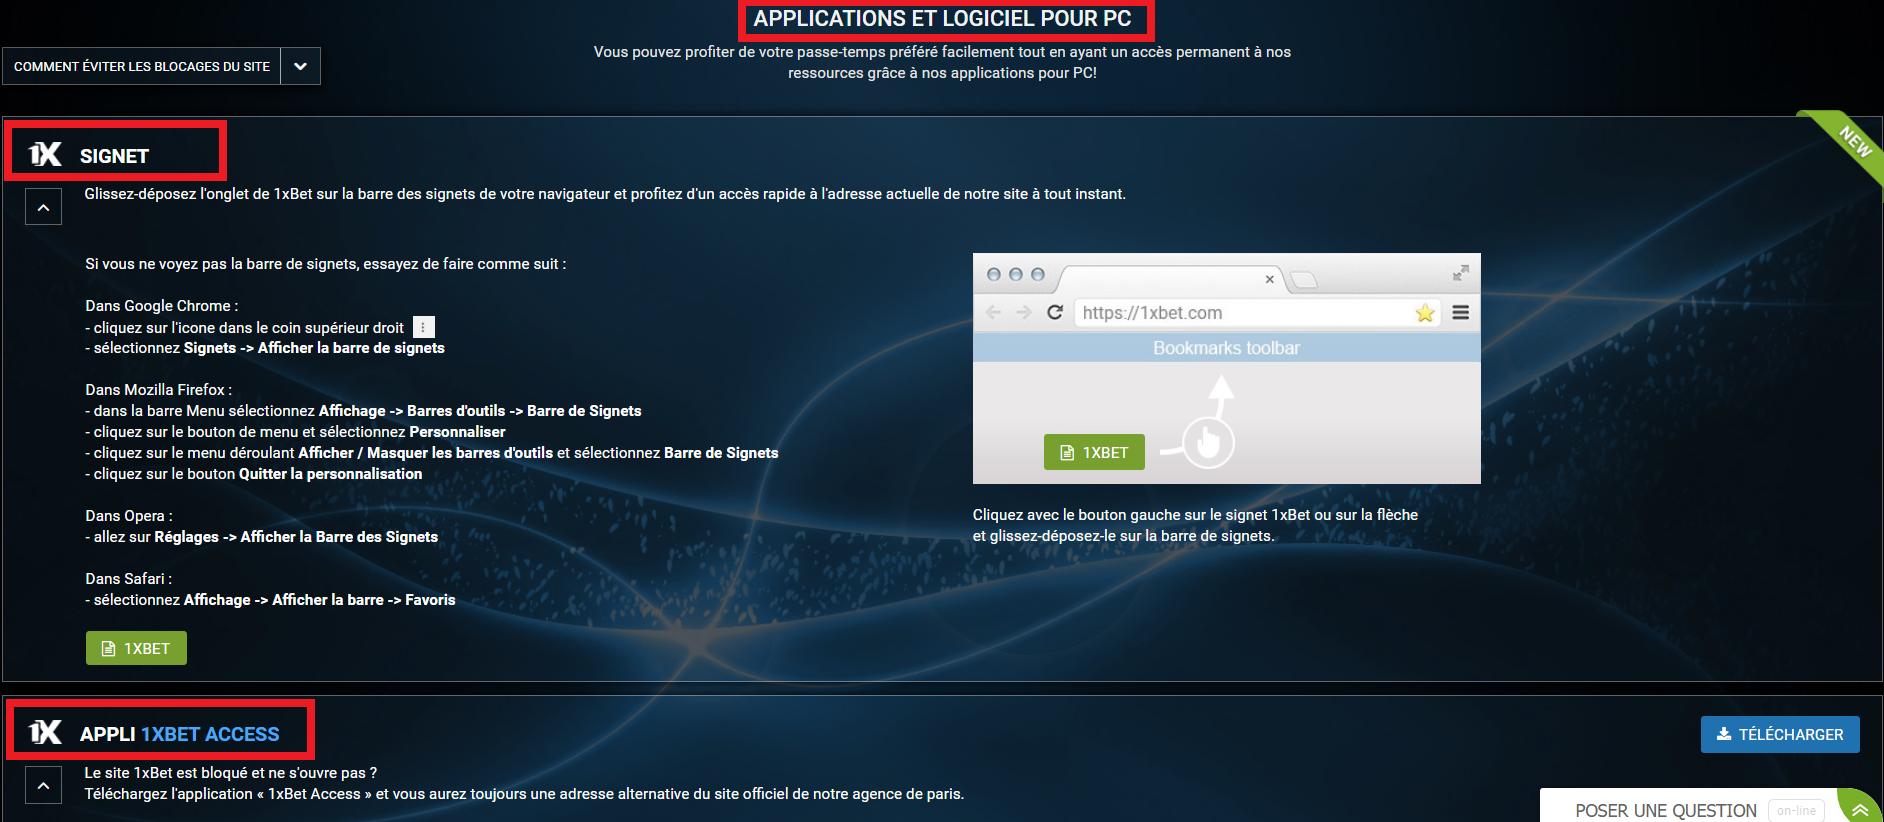 1xBet alternatif: une solution si le site officiel est inaccessible